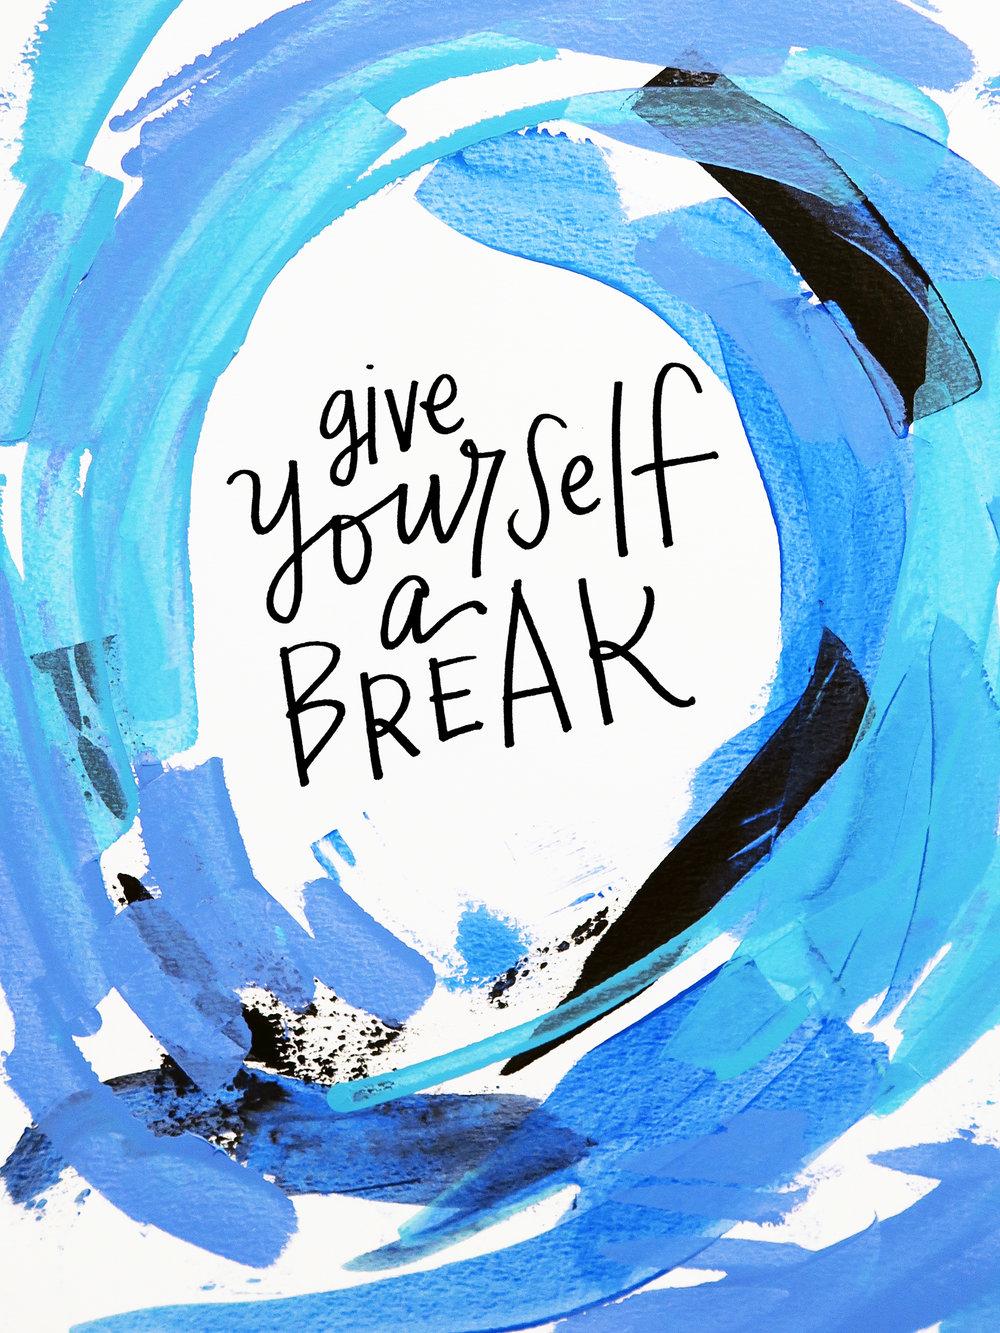 3/27/16: Break